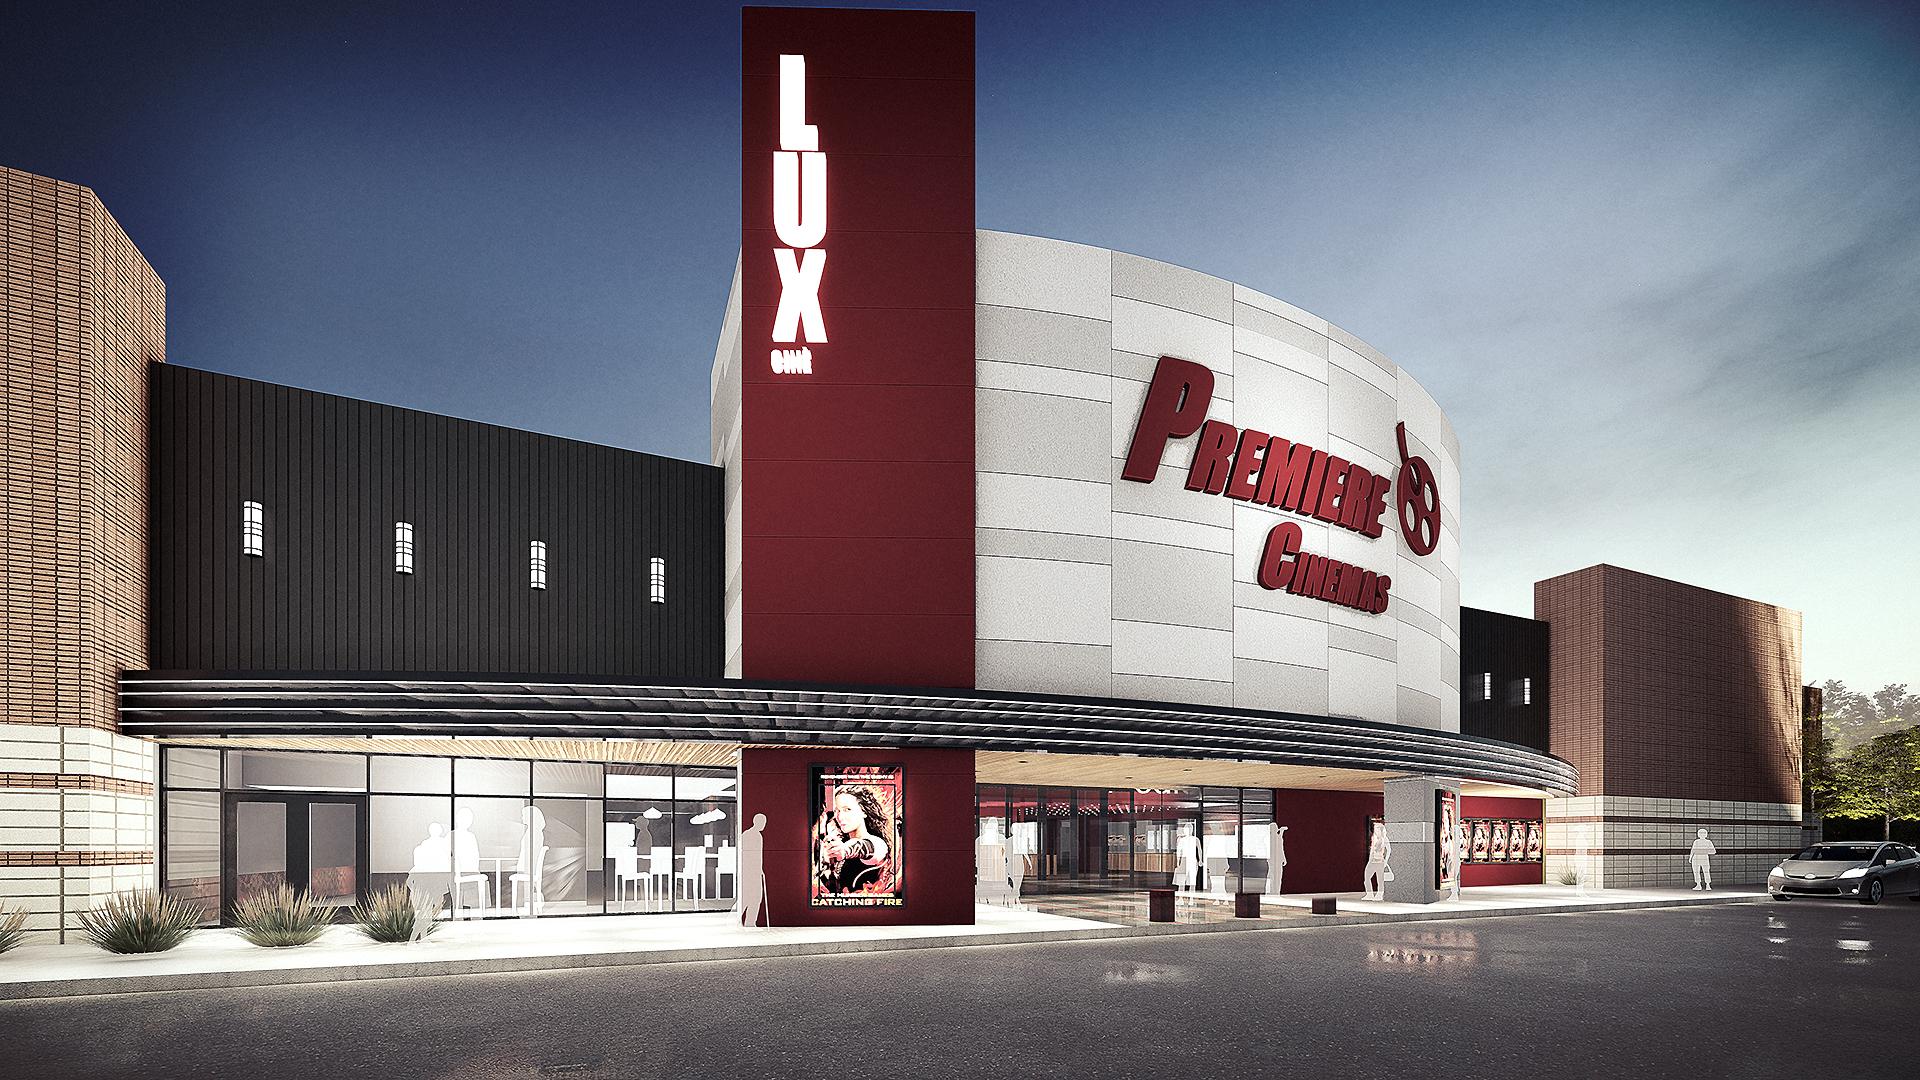 COMING SOON - Grand Prairie Premiere Lux Cine Photo